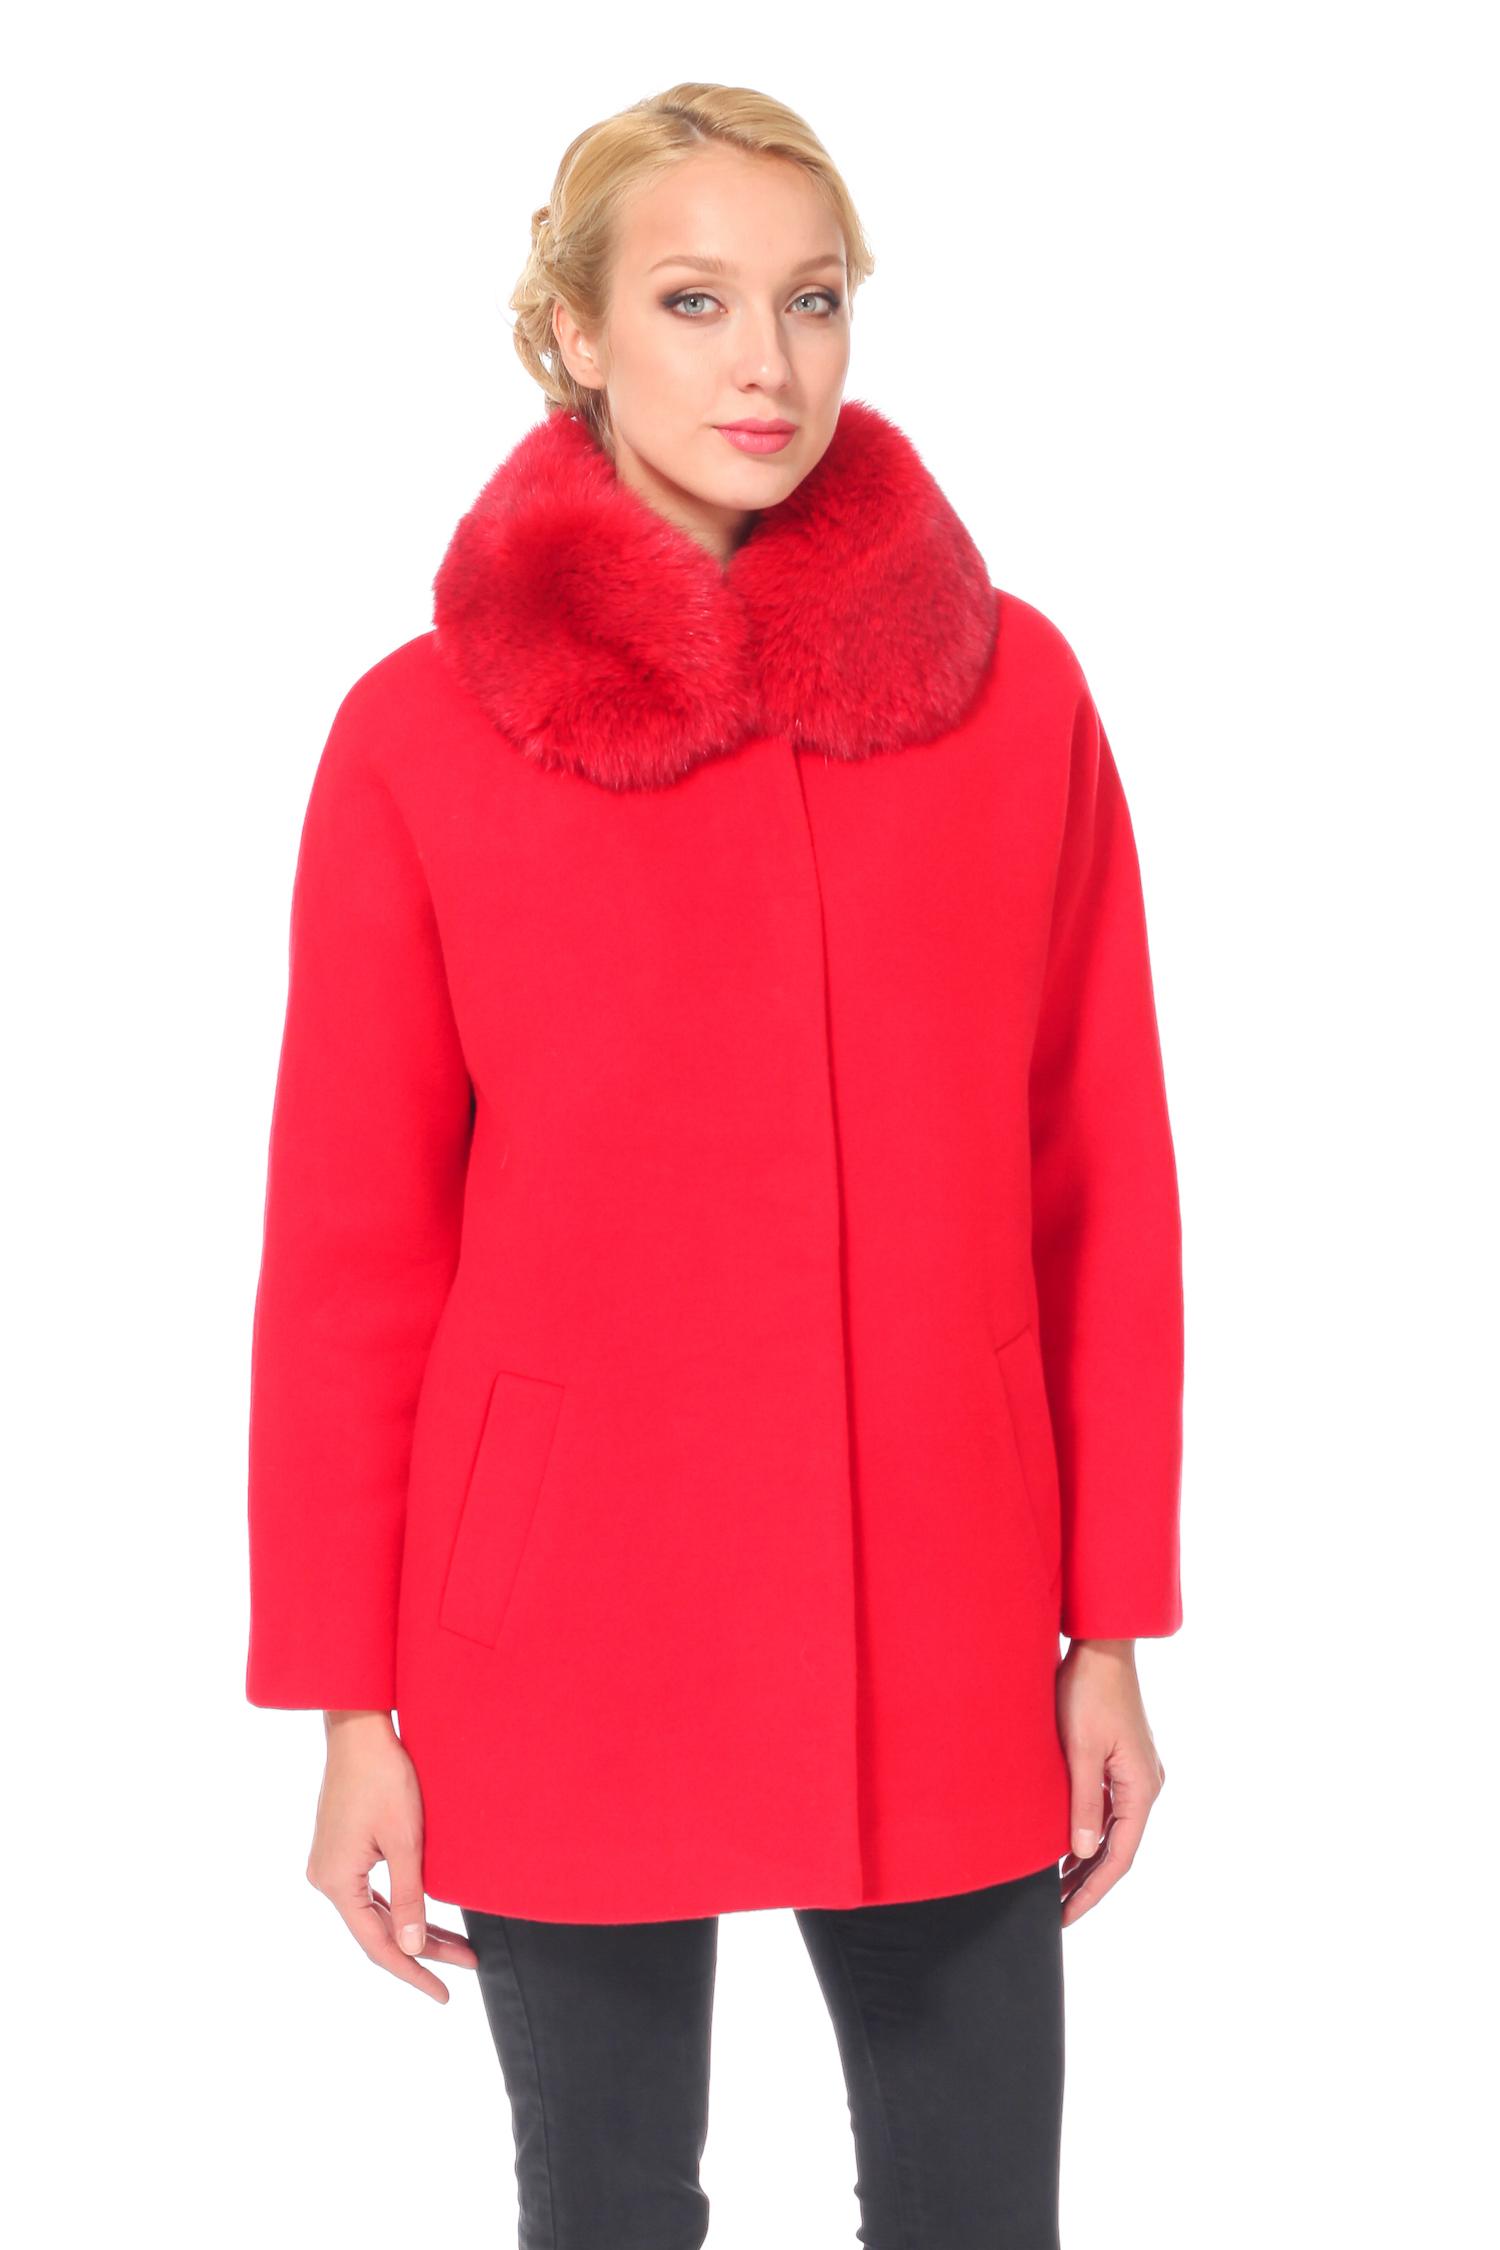 Женское пальто с воротником, отделка песец<br><br>Воротник: Обычный<br>Длина см: 80<br>Материал: 75% полиэстер 25% вискоза<br>Цвет: Красный<br>Вид застежки: Песец<br>Пол: Женский